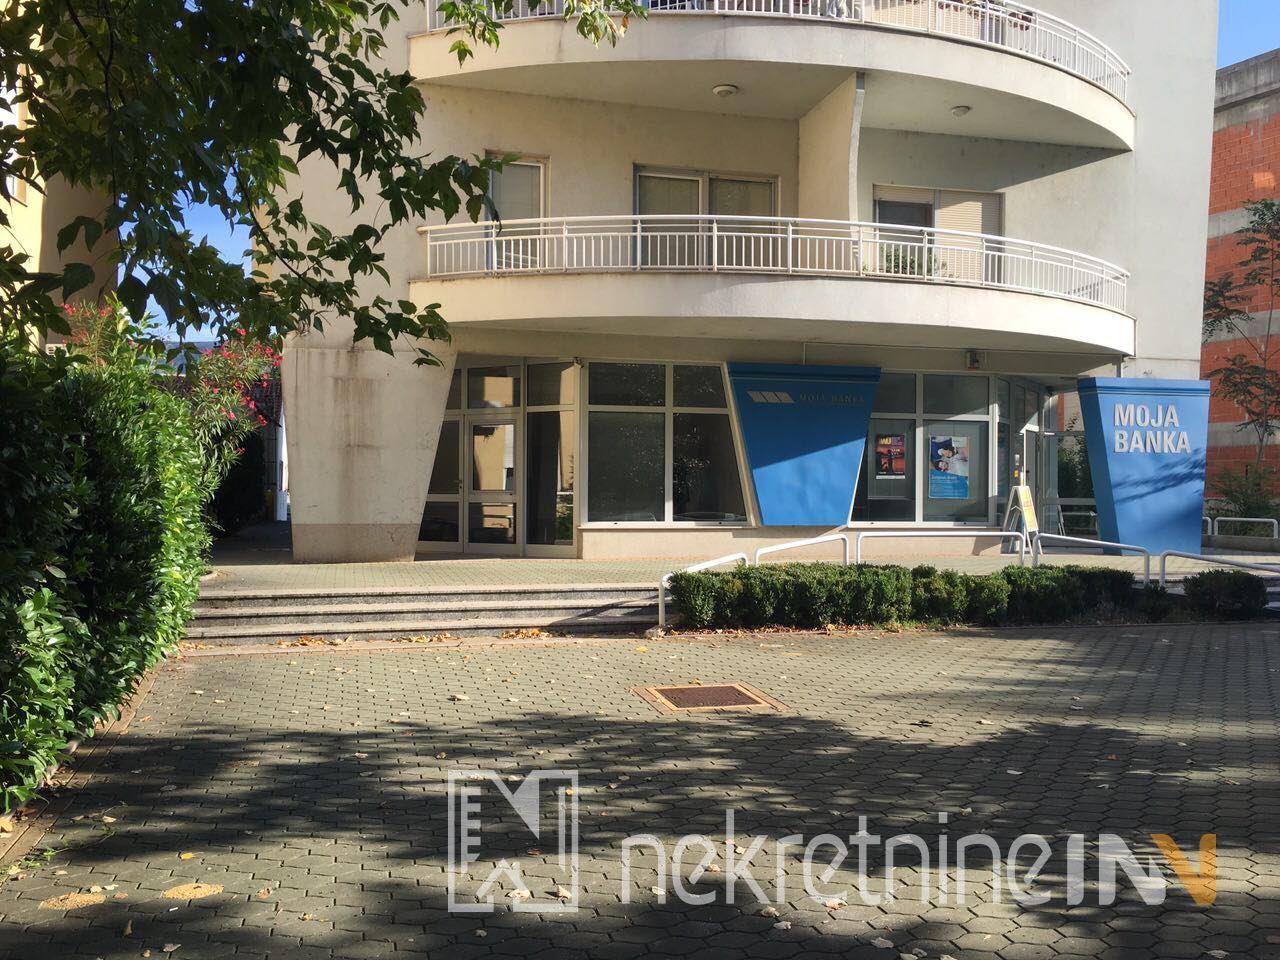 Poslovni prostor površine 160 m2 u neposrednoj blizini Rondoa